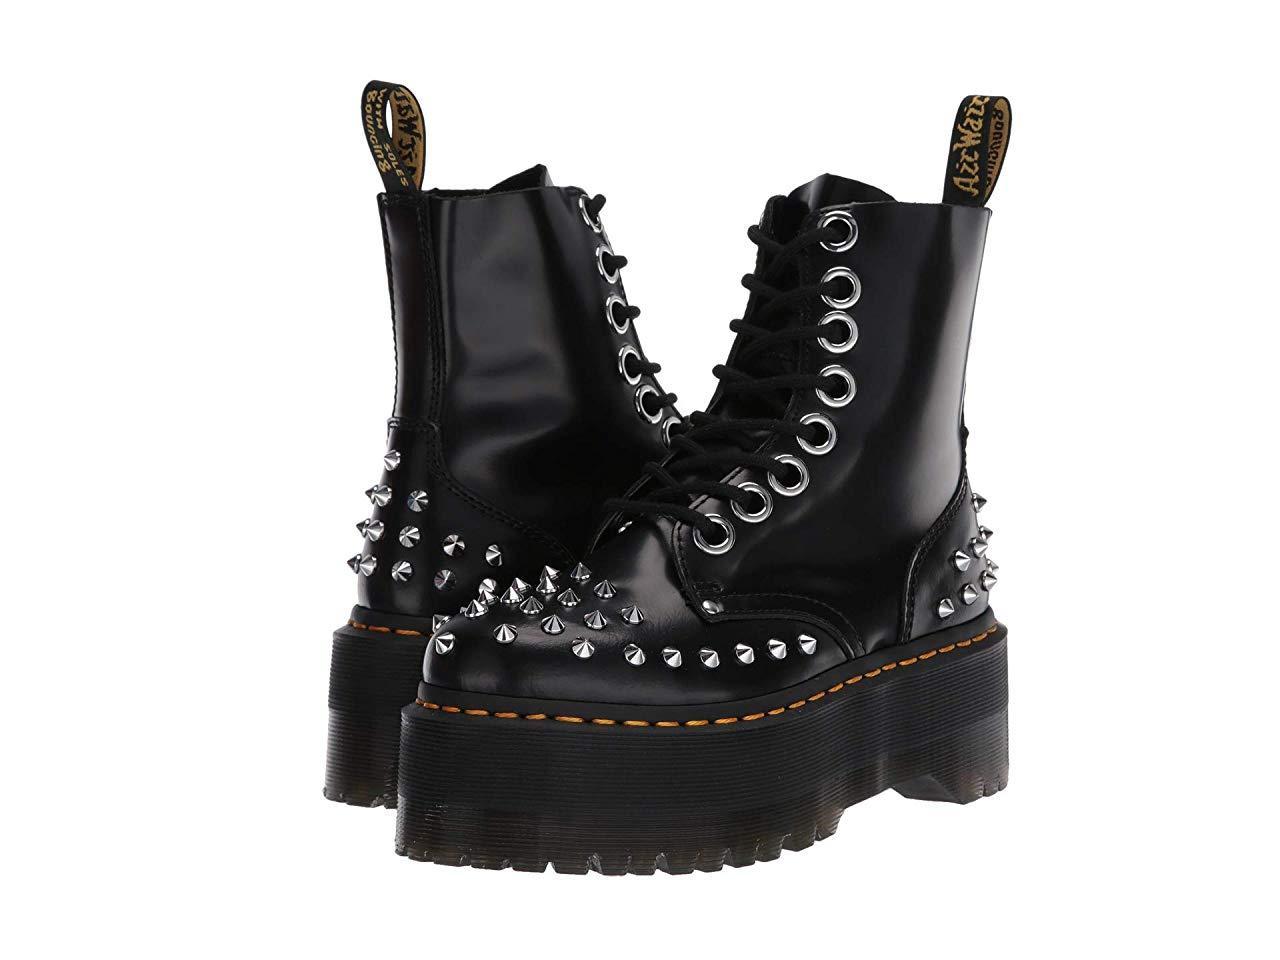 Ботинки/Сапоги Dr. Martens Jadon Max Stud Platform Black